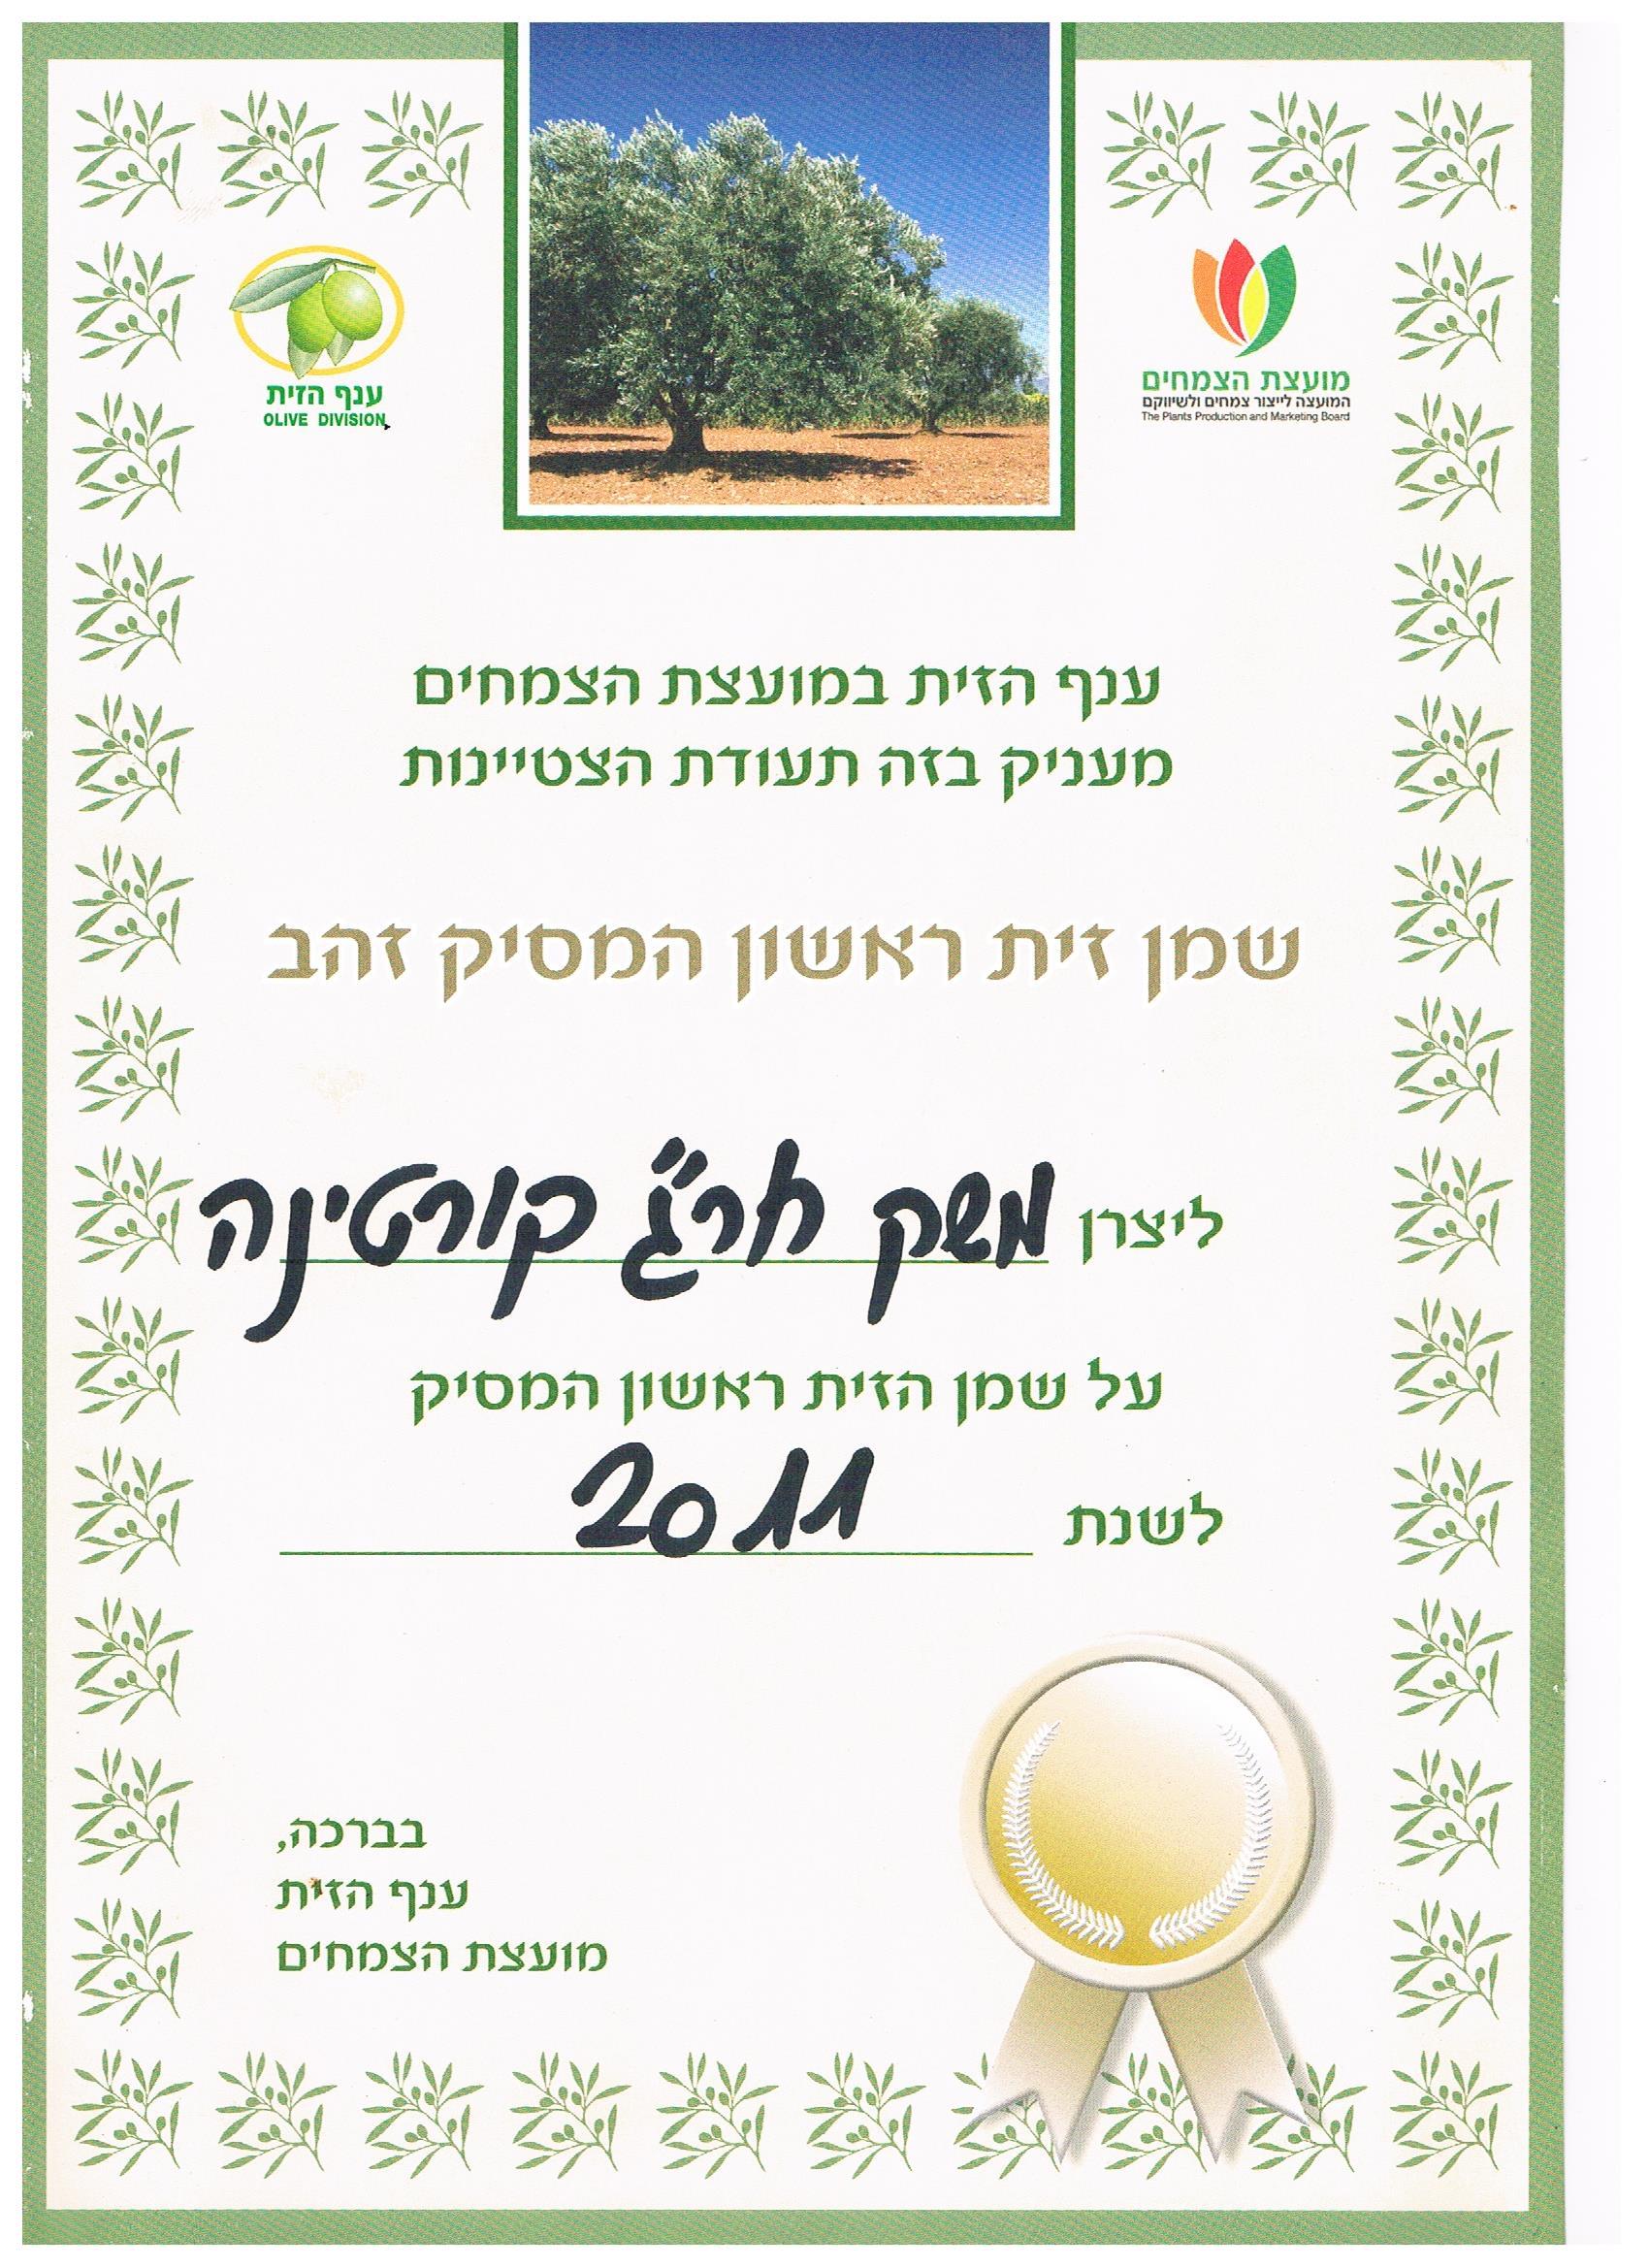 ראשון המסיק 2011 קורטינה פרס שמן זית